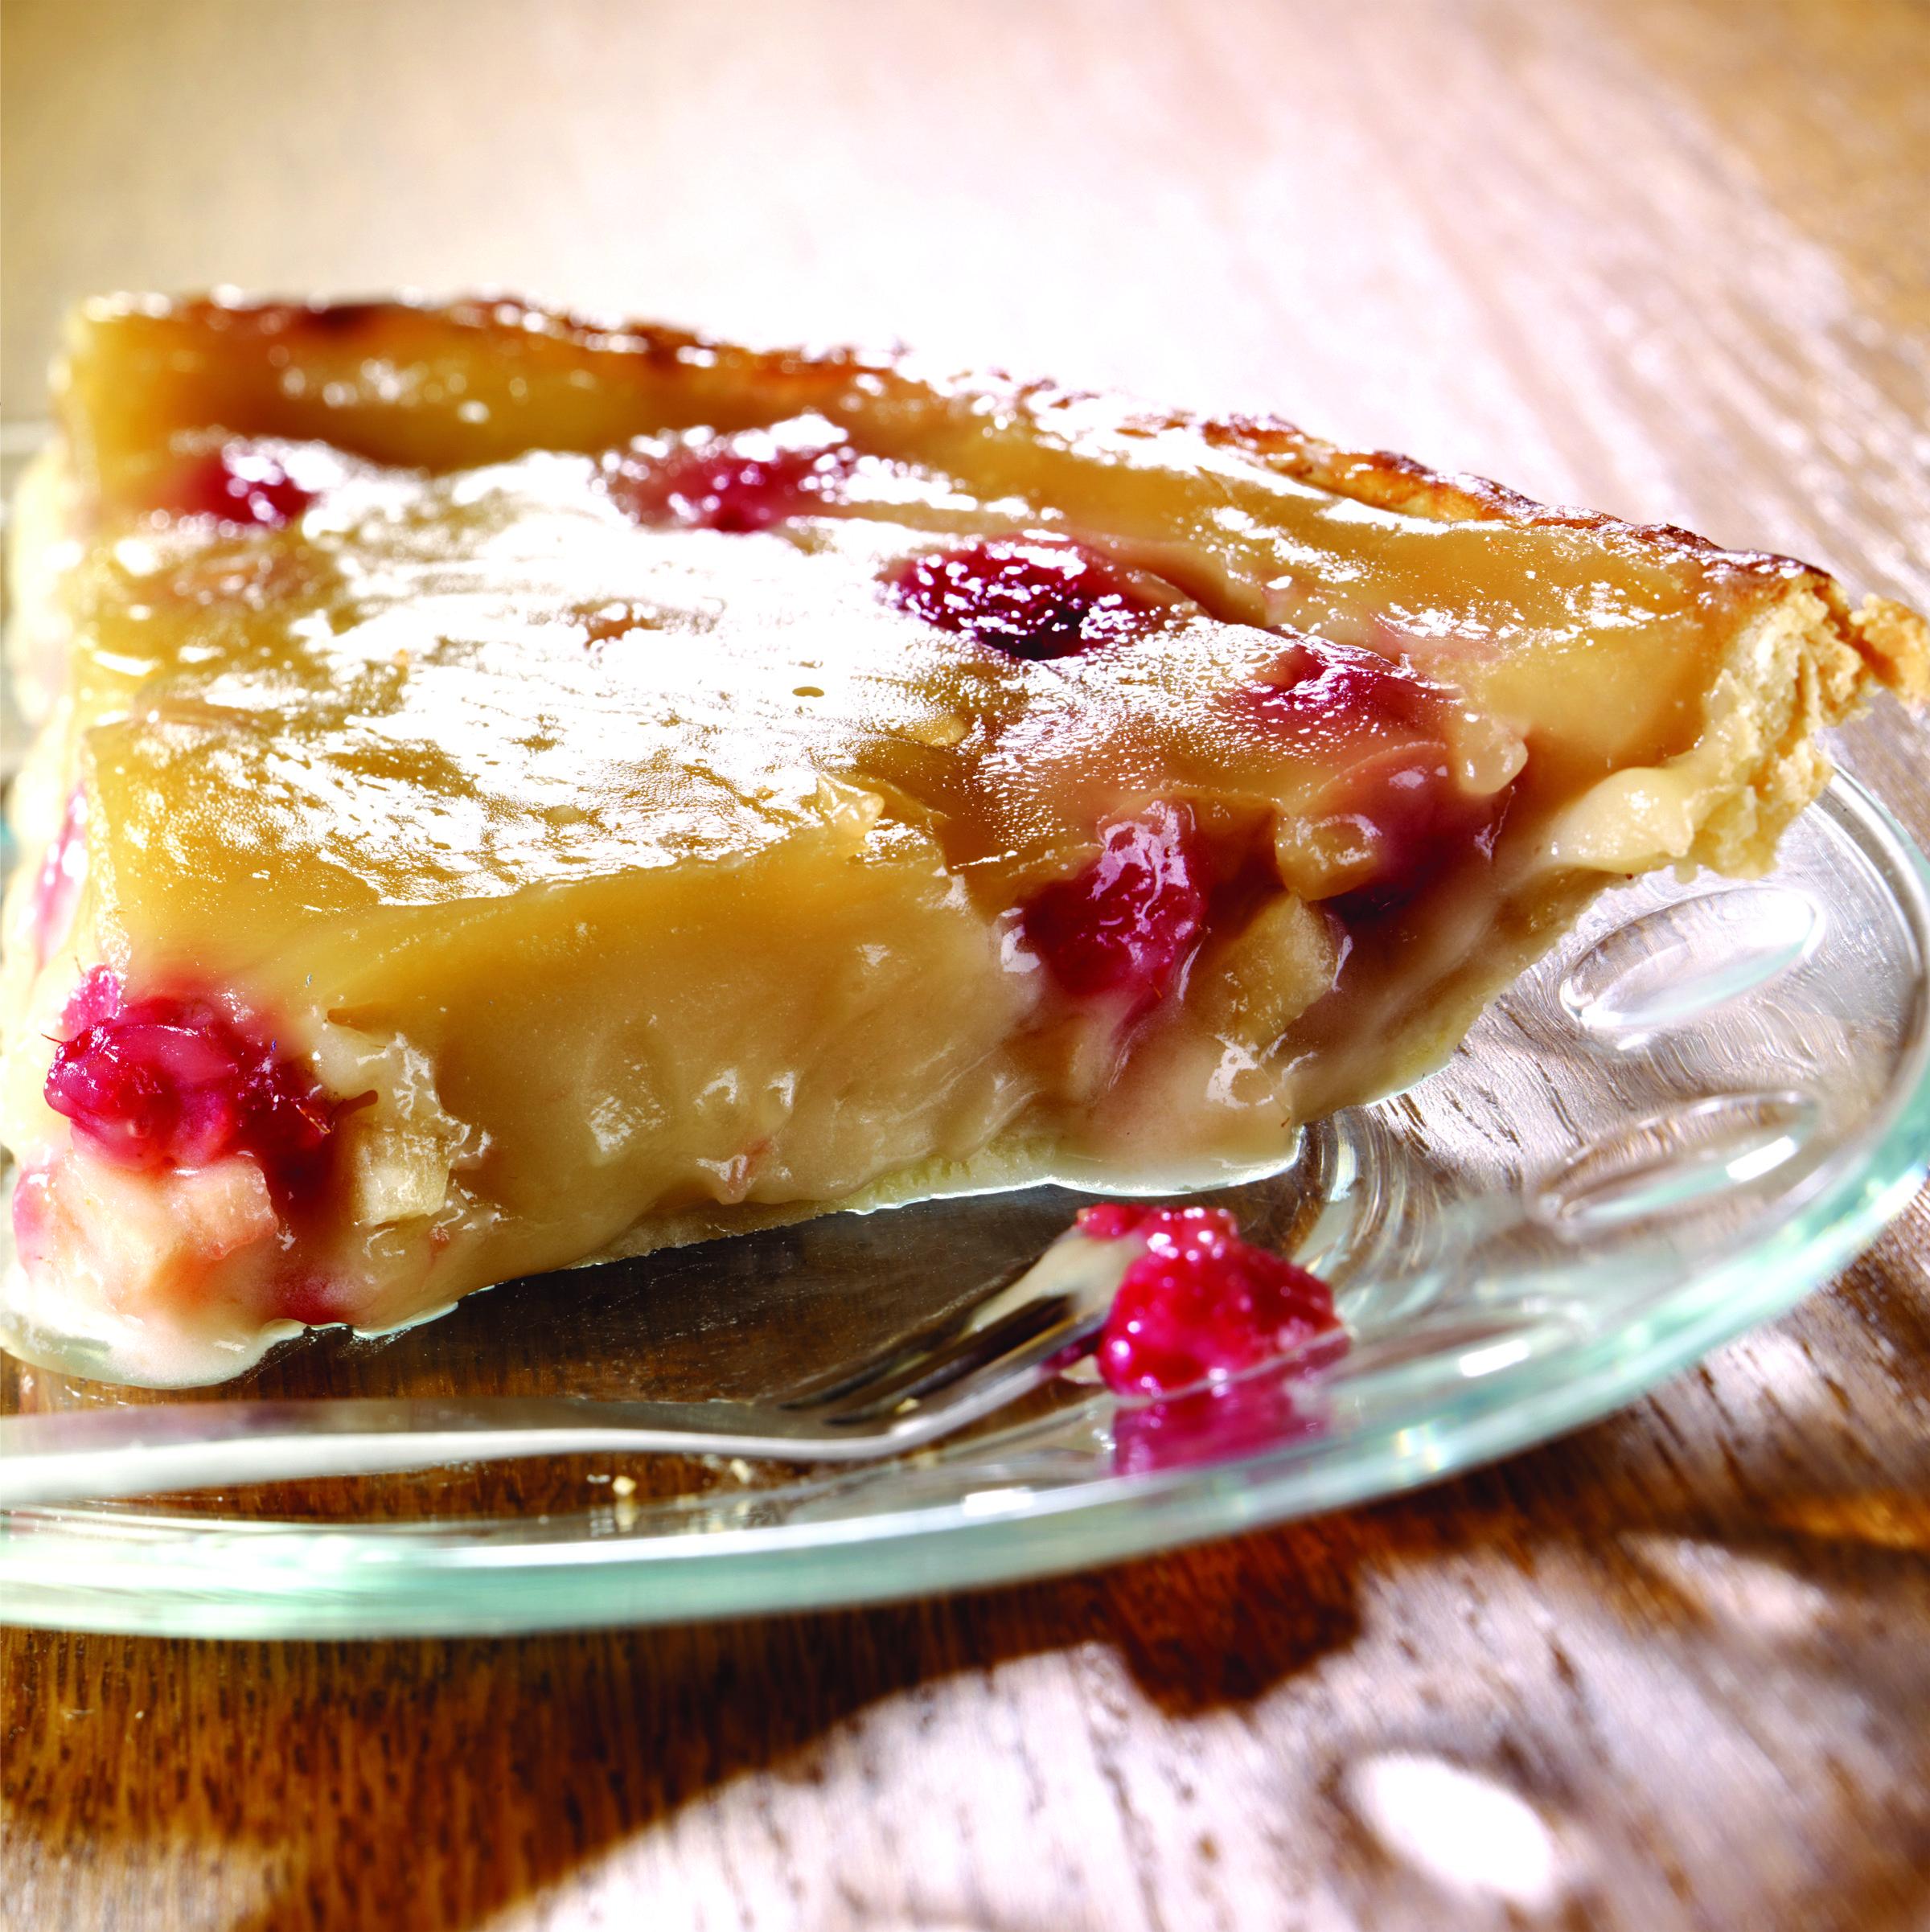 Parfait Aux Pommes Et Au Sirop D érable: Tarte Au Sirop D'érable, Aux Pommes Et Aux Framboises